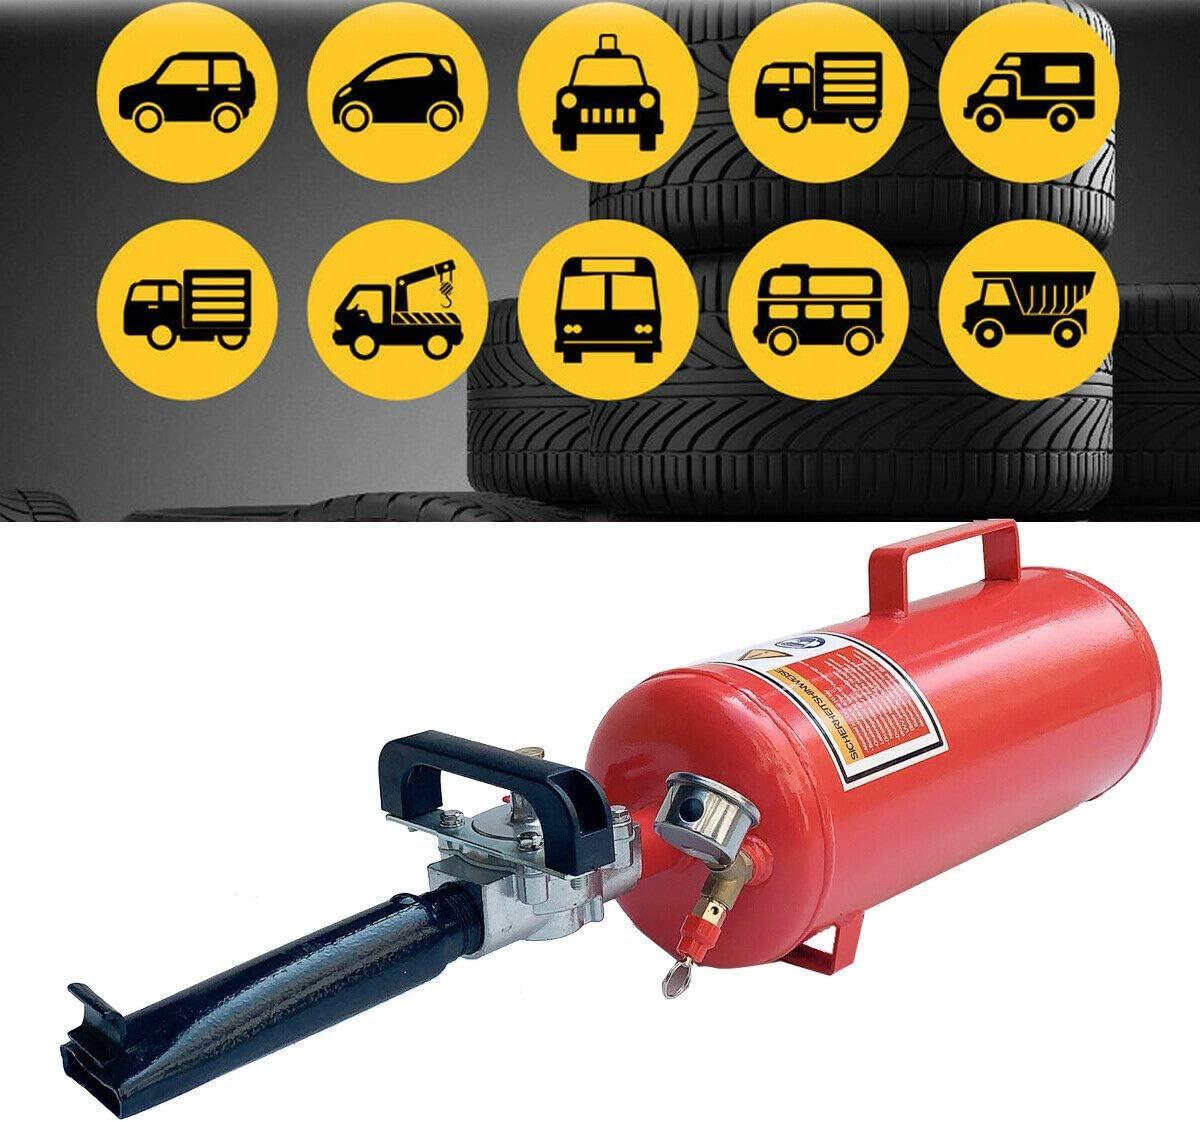 DOMINTY 8L Reifen Reifenf/üller Booster Reifenschockf/üller Airbooster Auto ATV Luftkanone Bef/üllhilfe Schockf/üller Reifenbooster 2.1 Gallon Tire Bead Seater 87-116 PSI f/ür schlauchlose Reifen